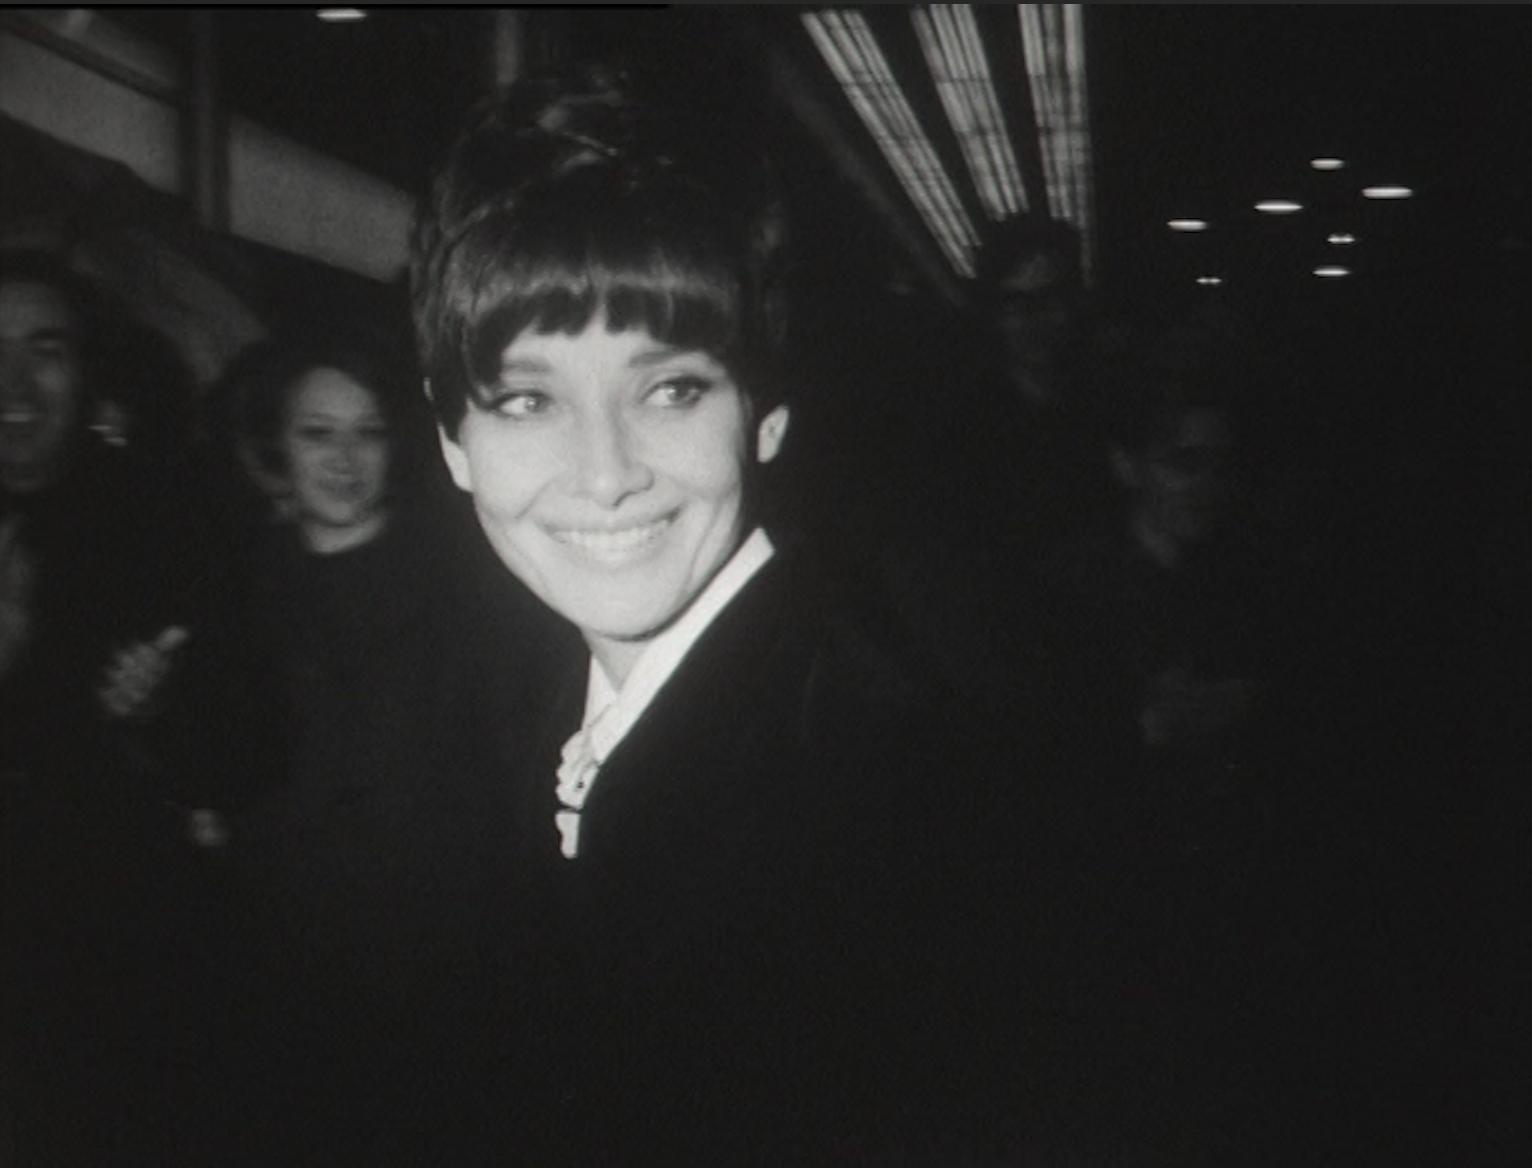 Audrey Hepburn, le talent et la grâce